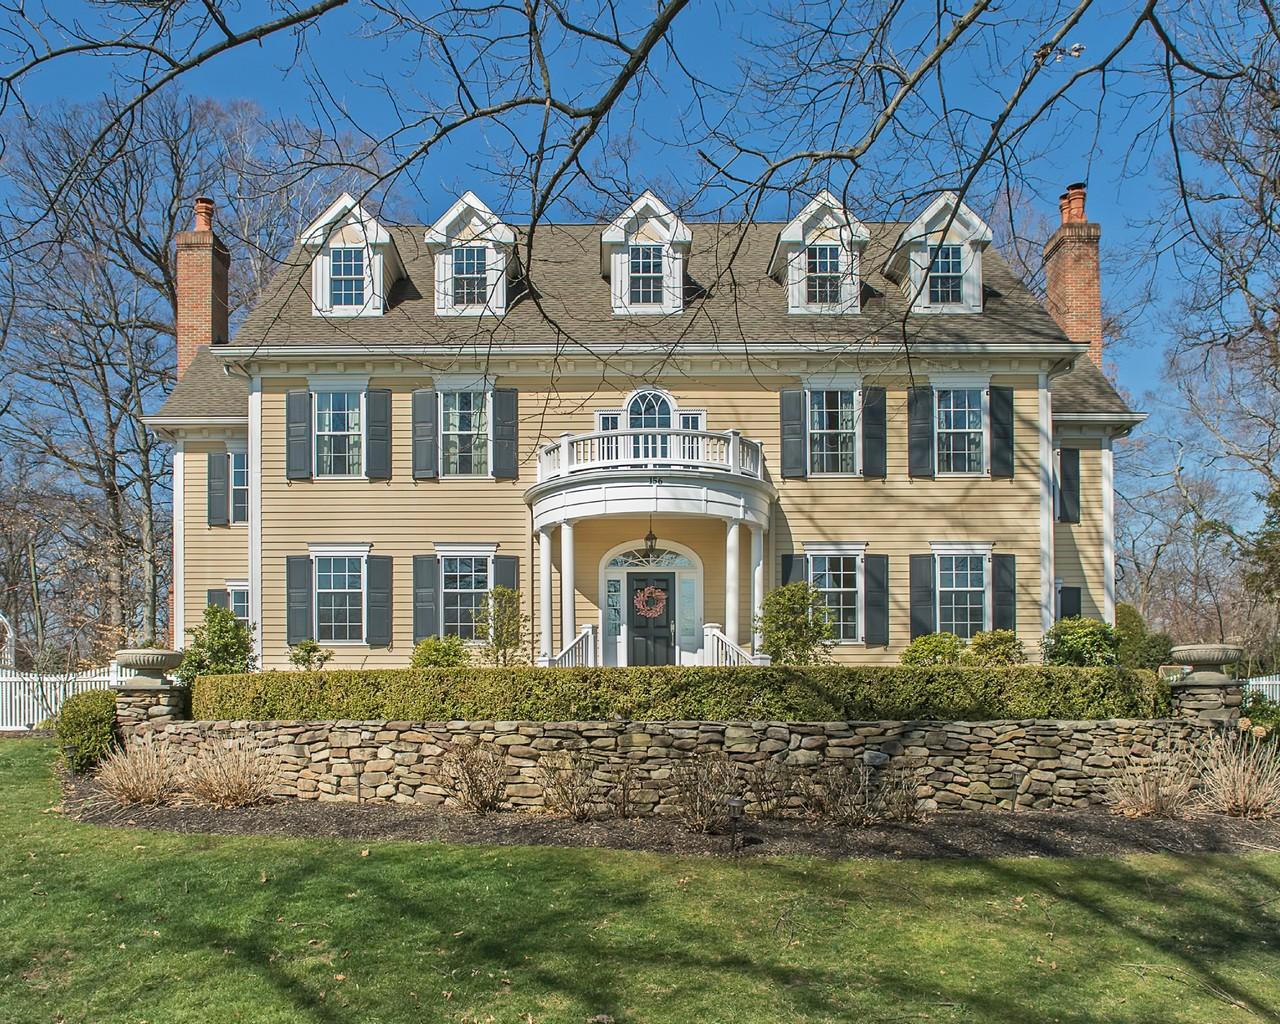 Maison unifamiliale pour l Vente à Stately Glen Ridge Center Hall Colonial 156 Ridgewood Avenue Glen Ridge, New Jersey, 07028 États-Unis